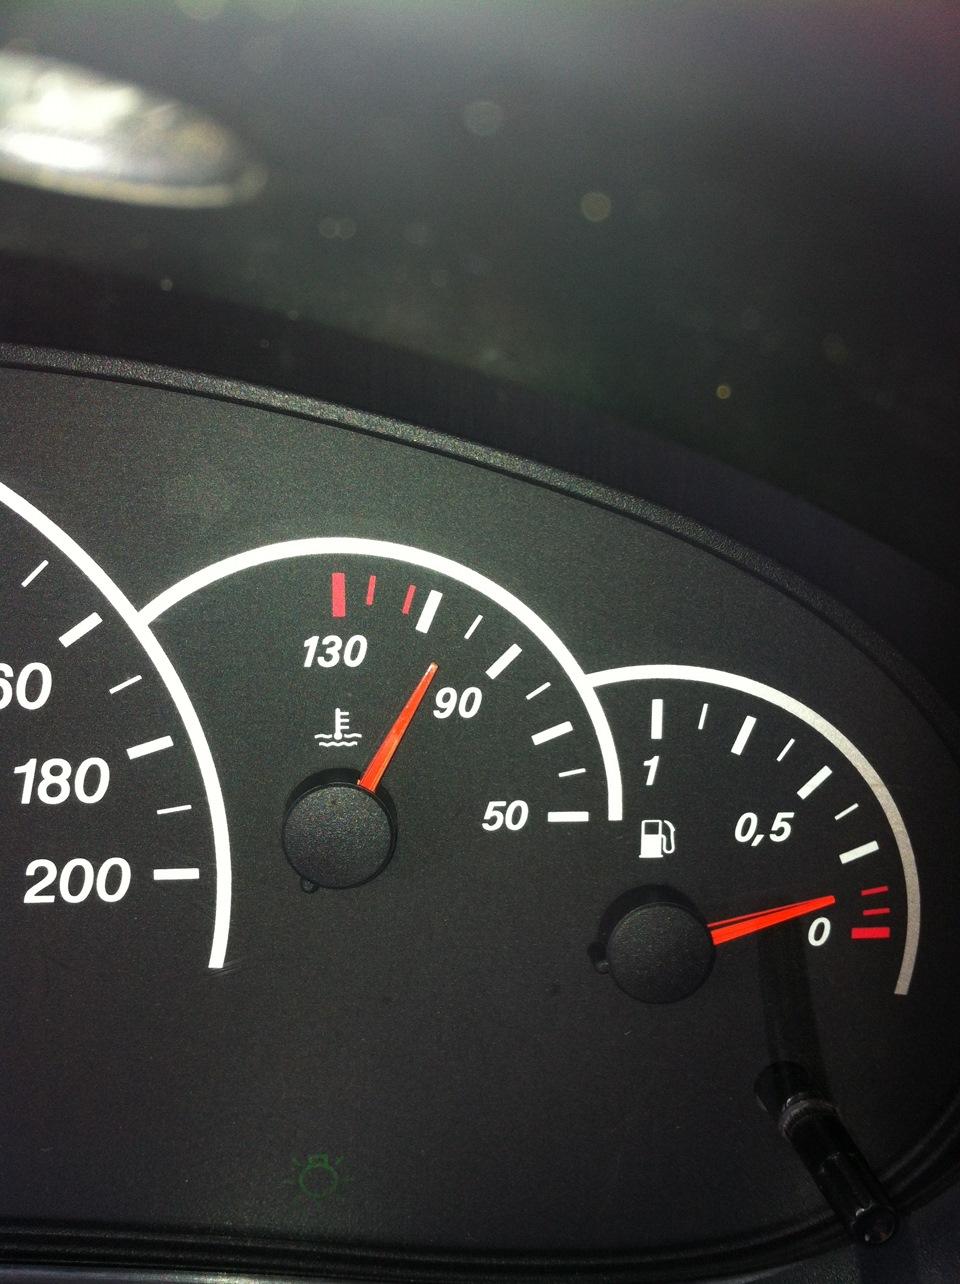 температура двигателя в картинках был